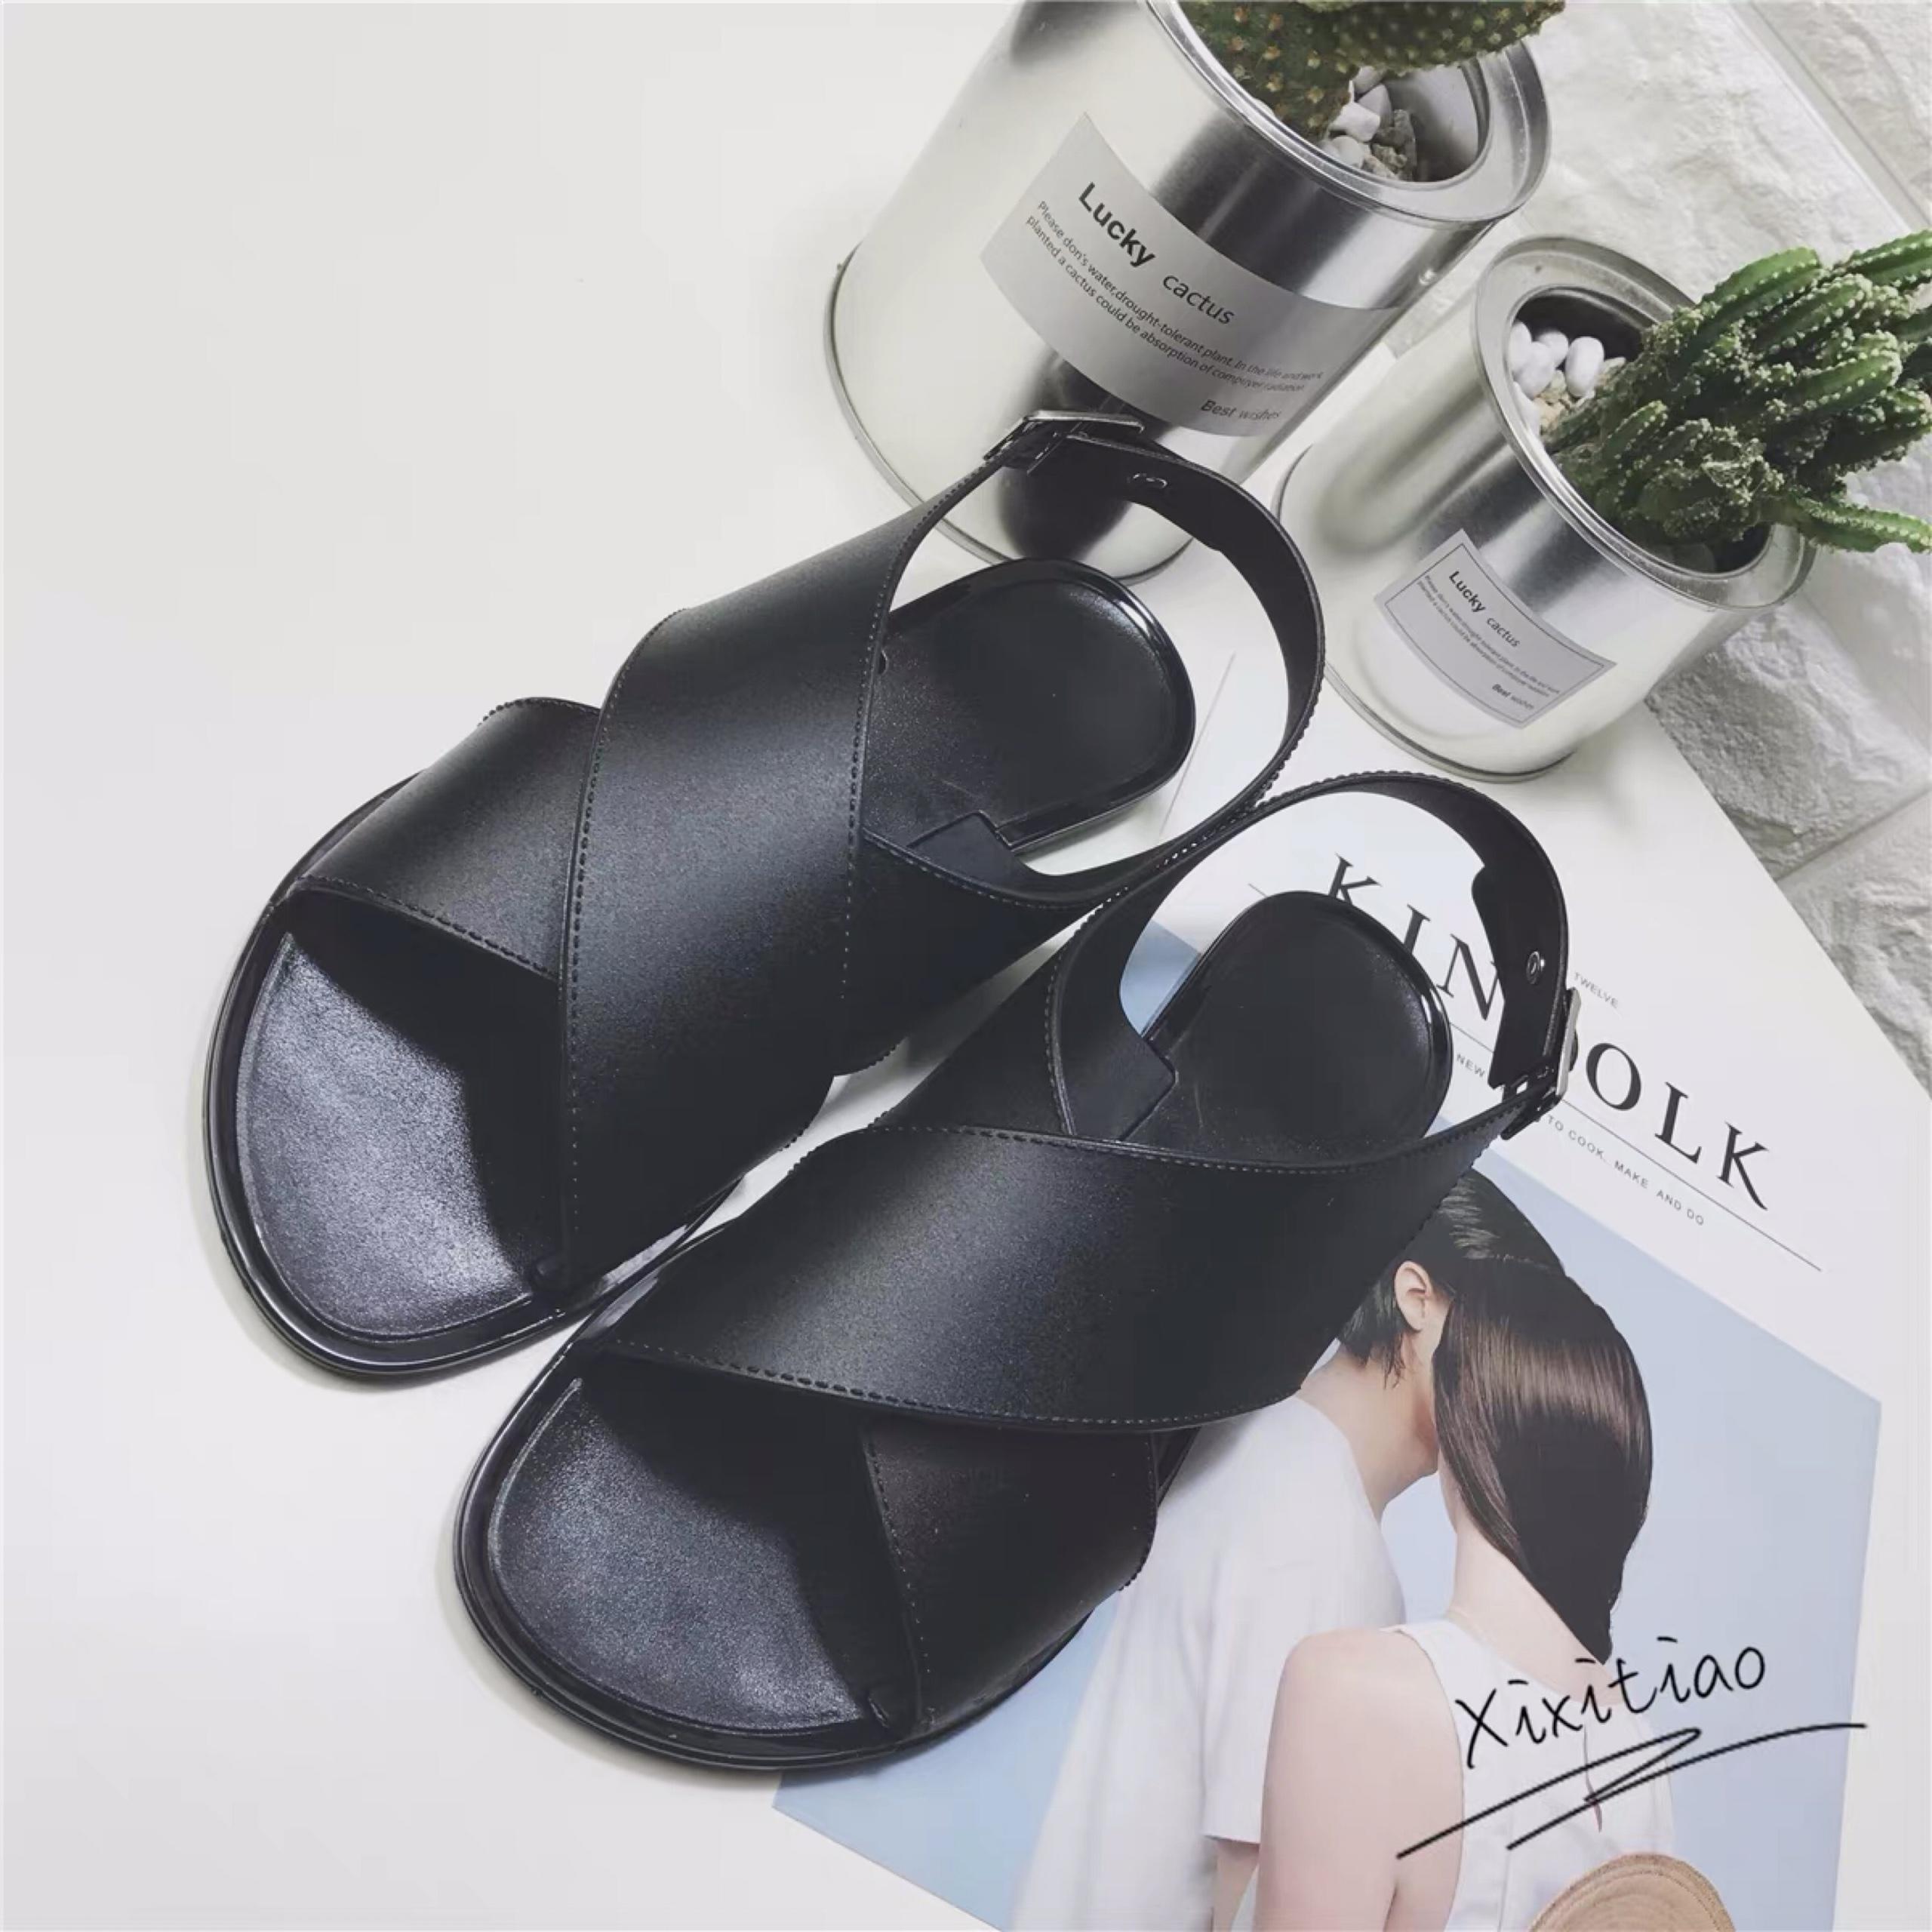 Dép Sandal Cao Su Mềm - sandal ulzzang sandal đế bằng sandal nữ đi học sandal nữ hàn quốc sandal nữ quai ngang sandal quai chéo dép quai hậu nữ